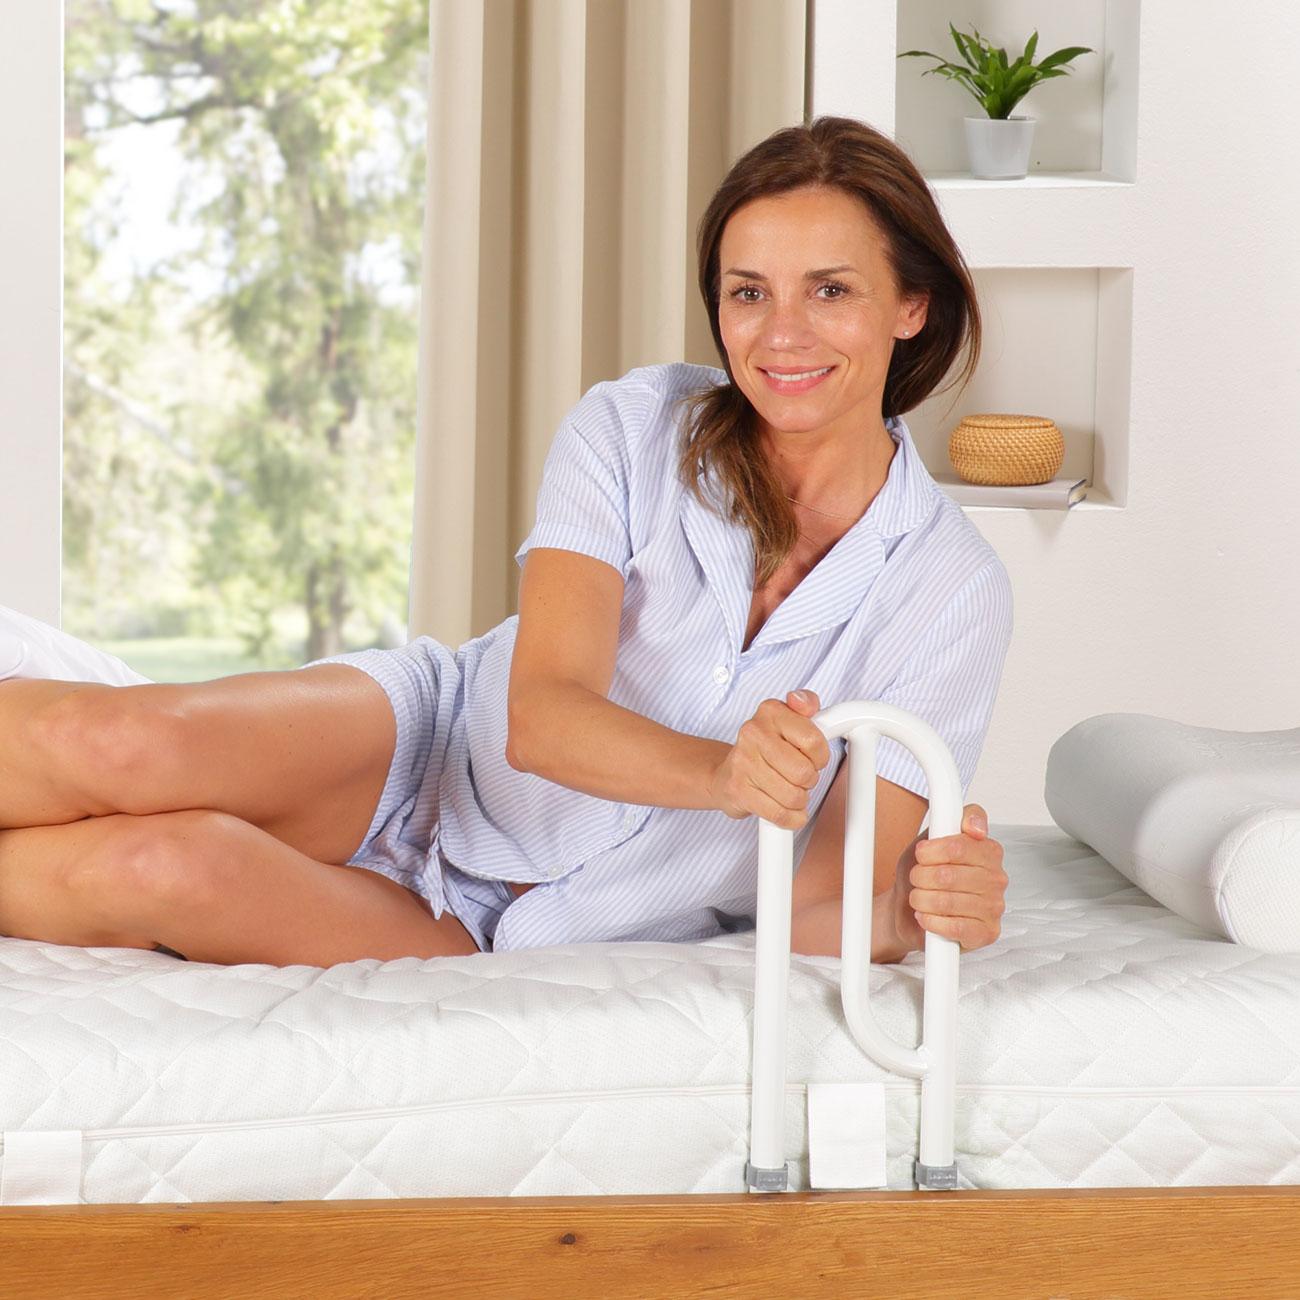 Die Bett Aufstehhilfe macht Ihnen das Aufstehen wieder leicht.